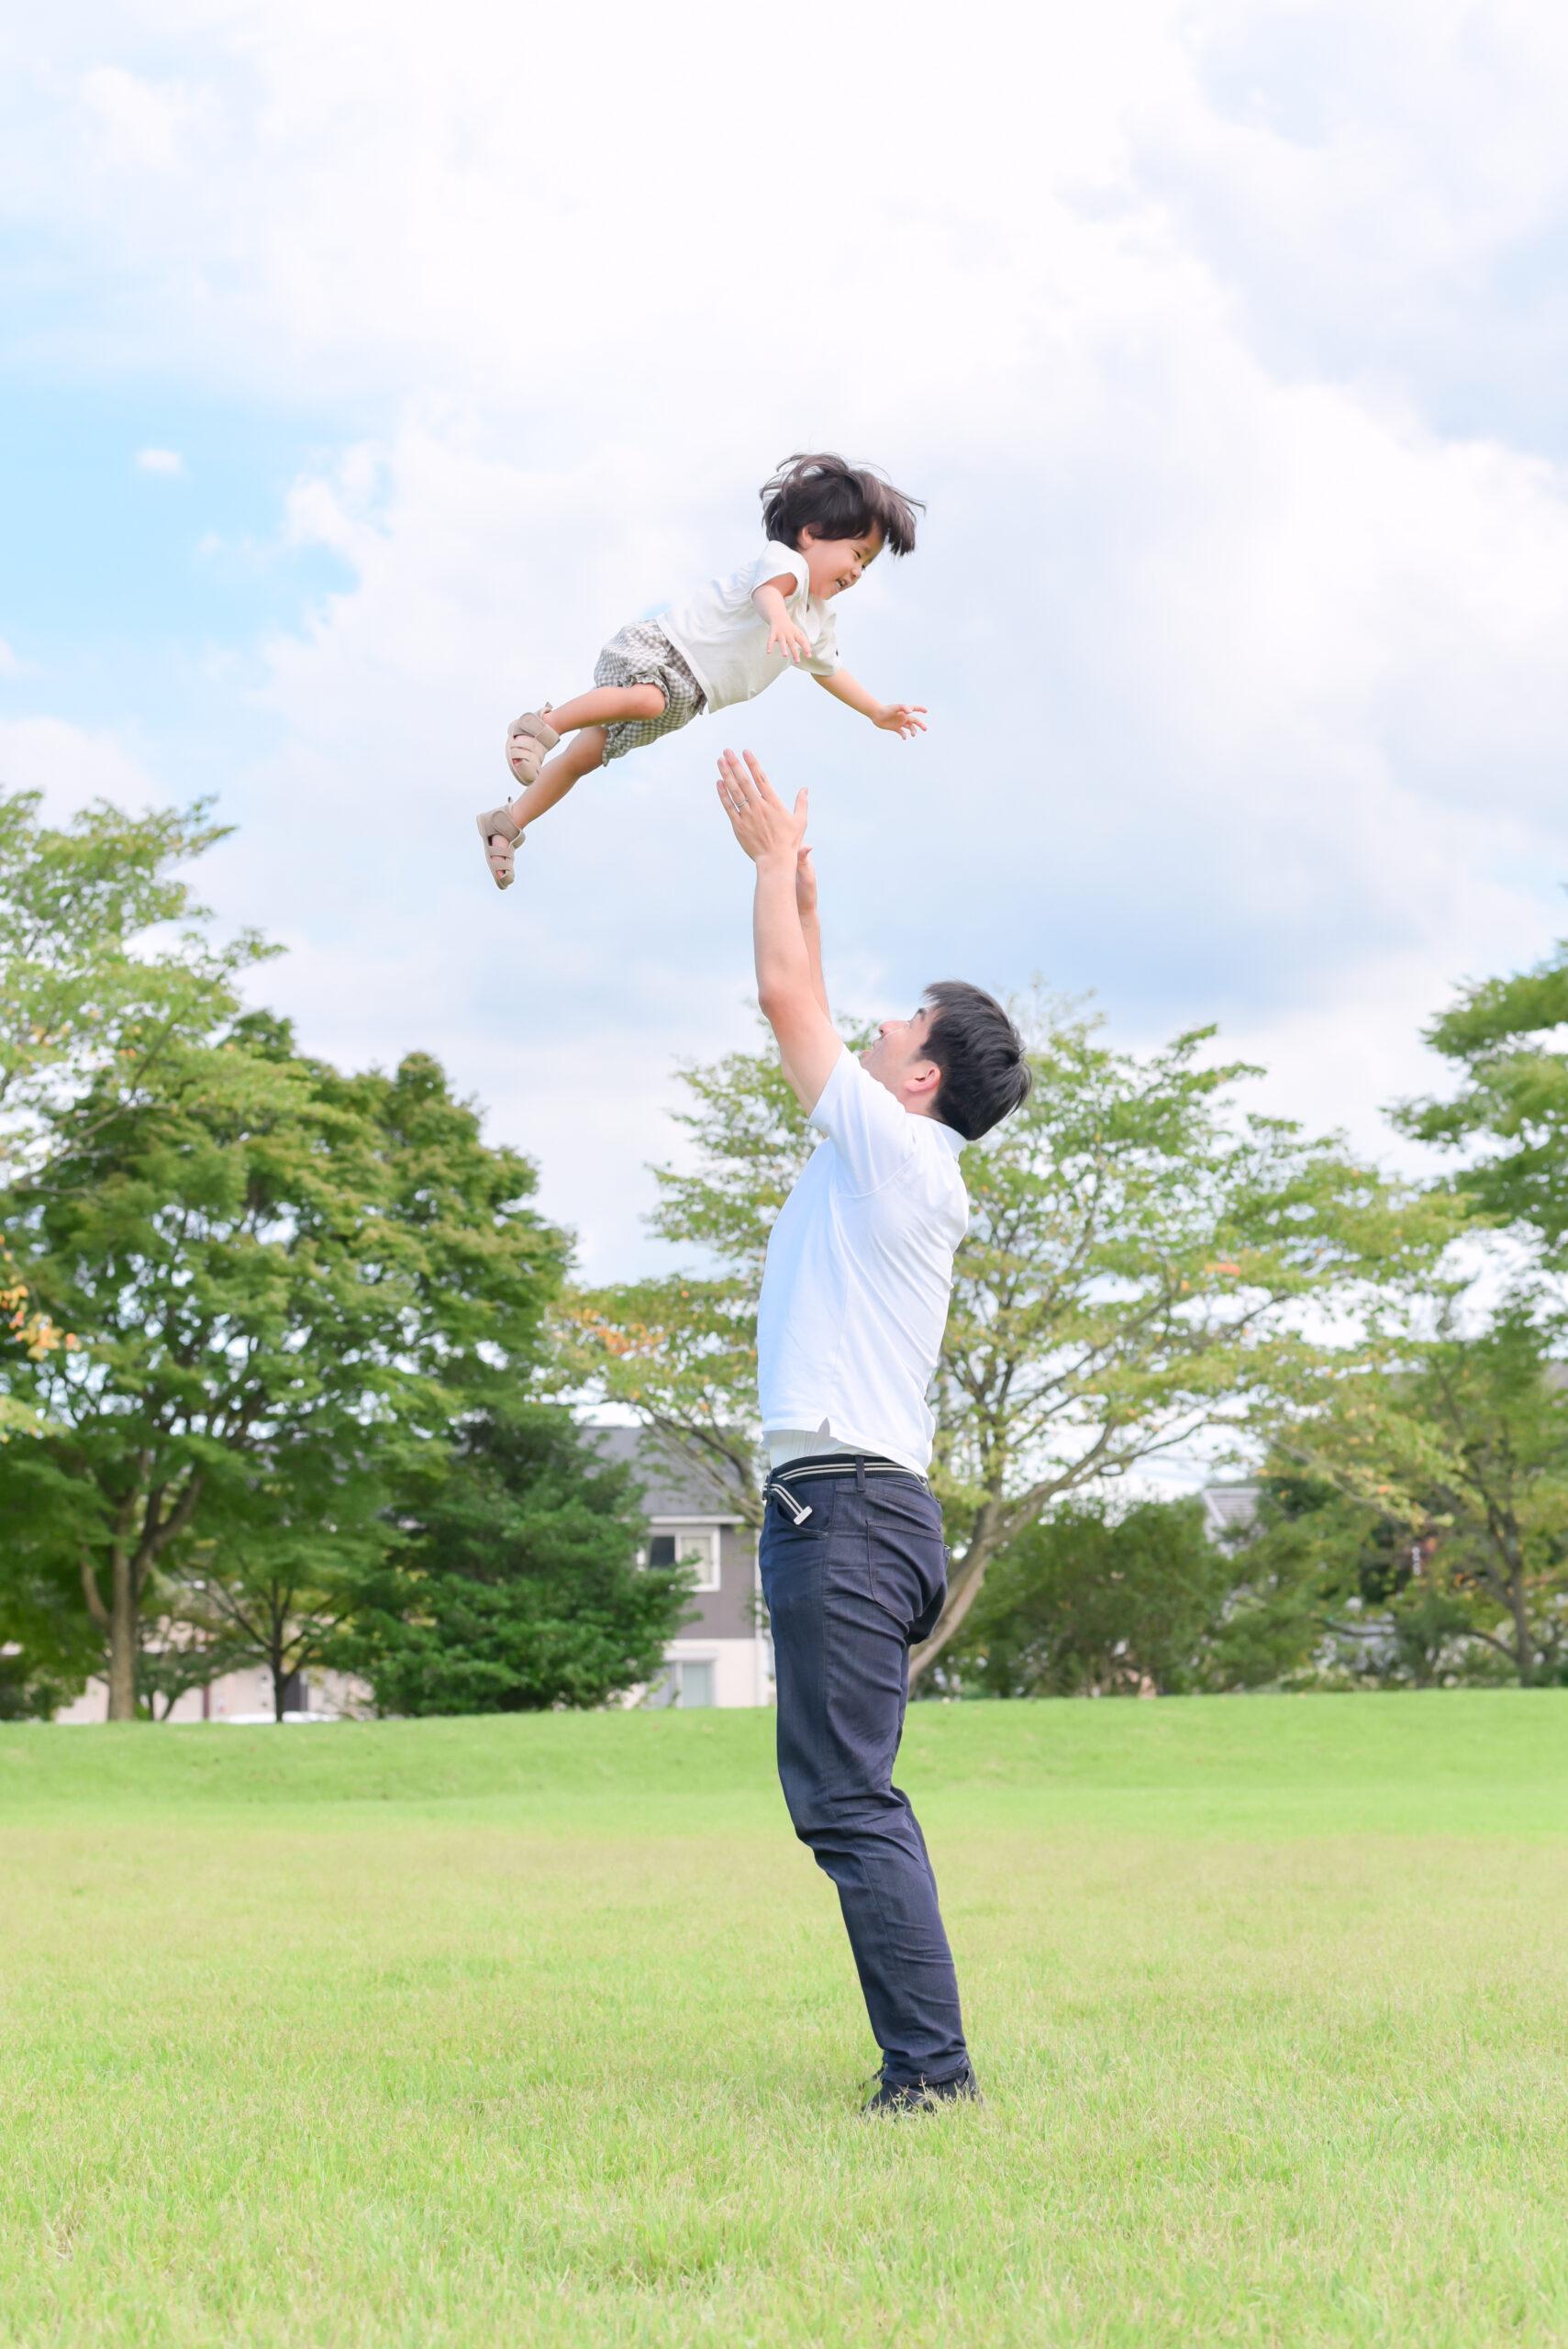 夏 公園 2歳 男の子 こども パパに高い高い 写真撮影 ロケーションフォト 宇都宮